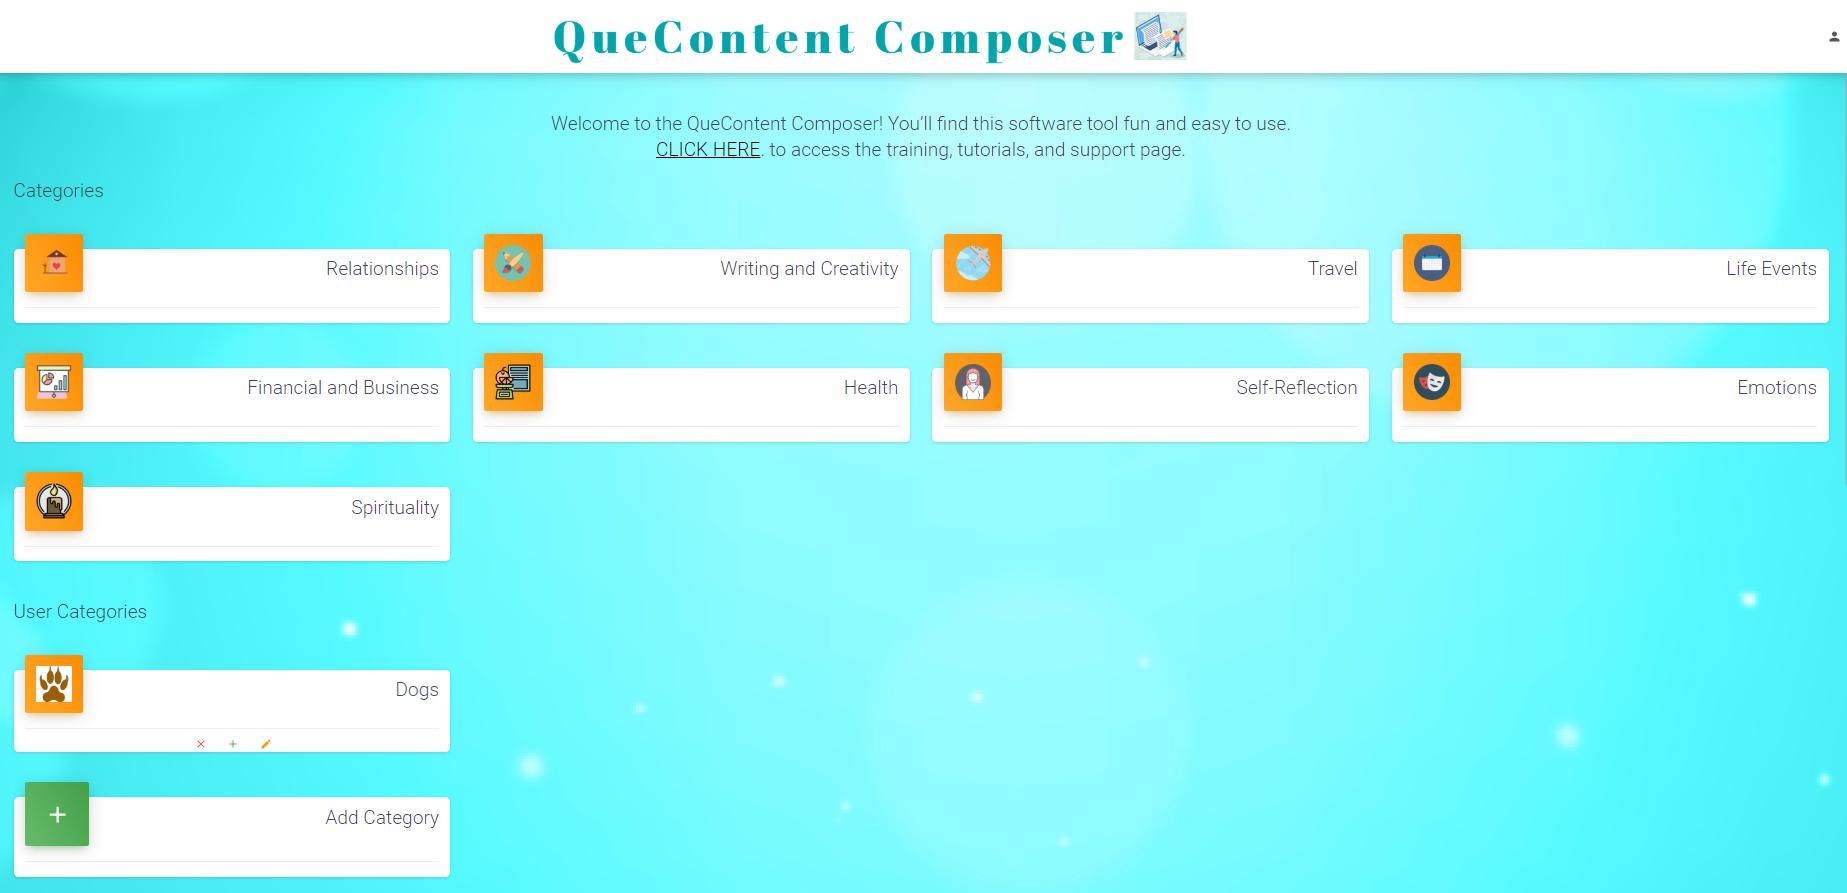 QueContent Composer Walkthrough